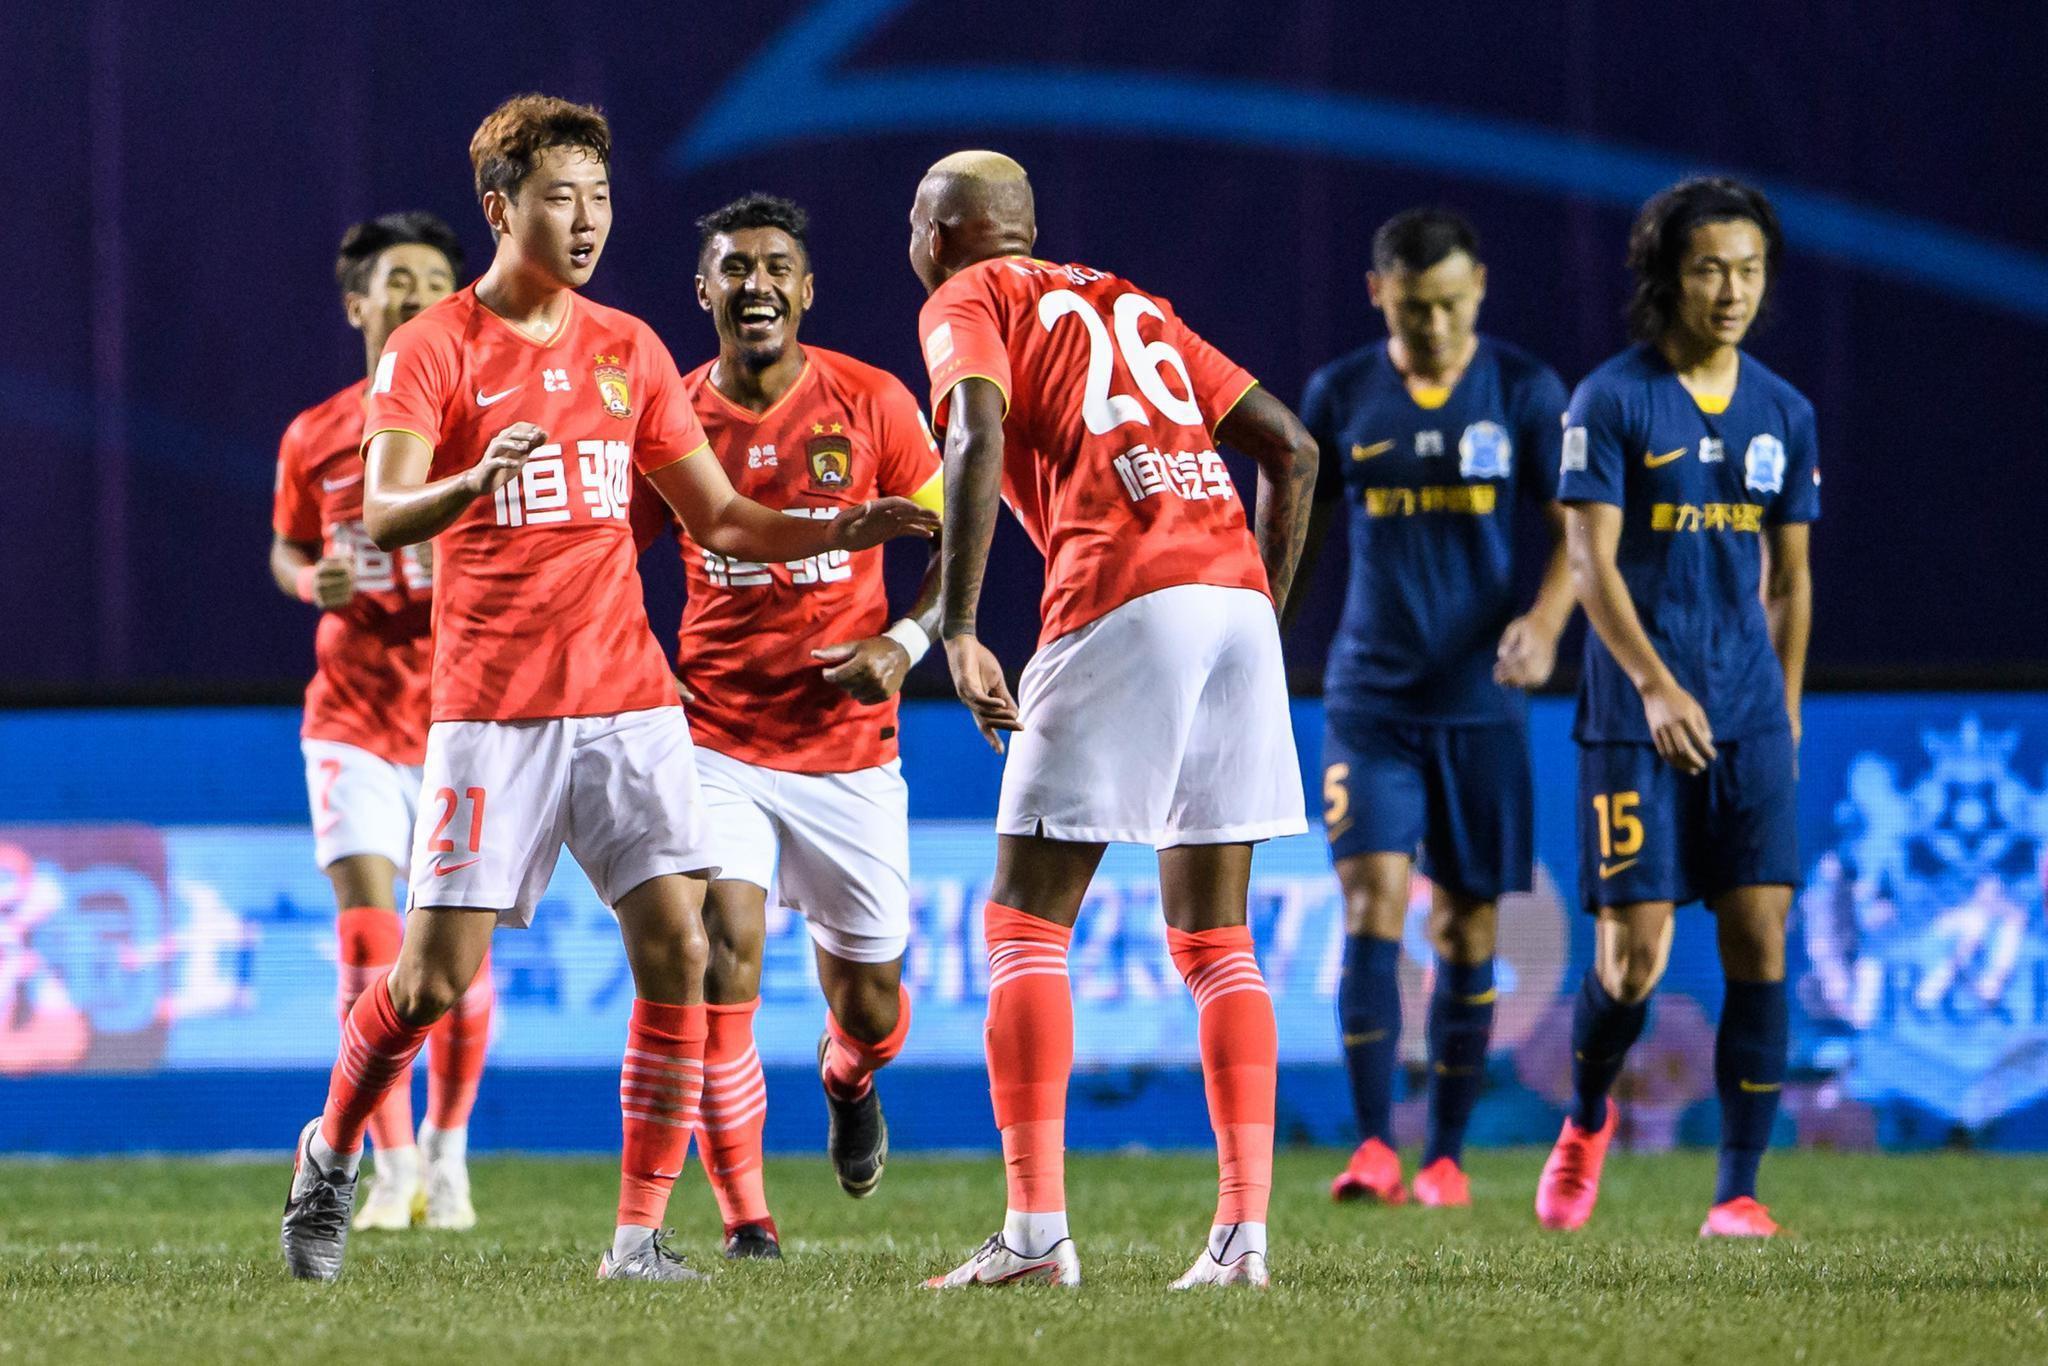 黄强歪谈体育认为,这粒进球对于恒大取胜广州